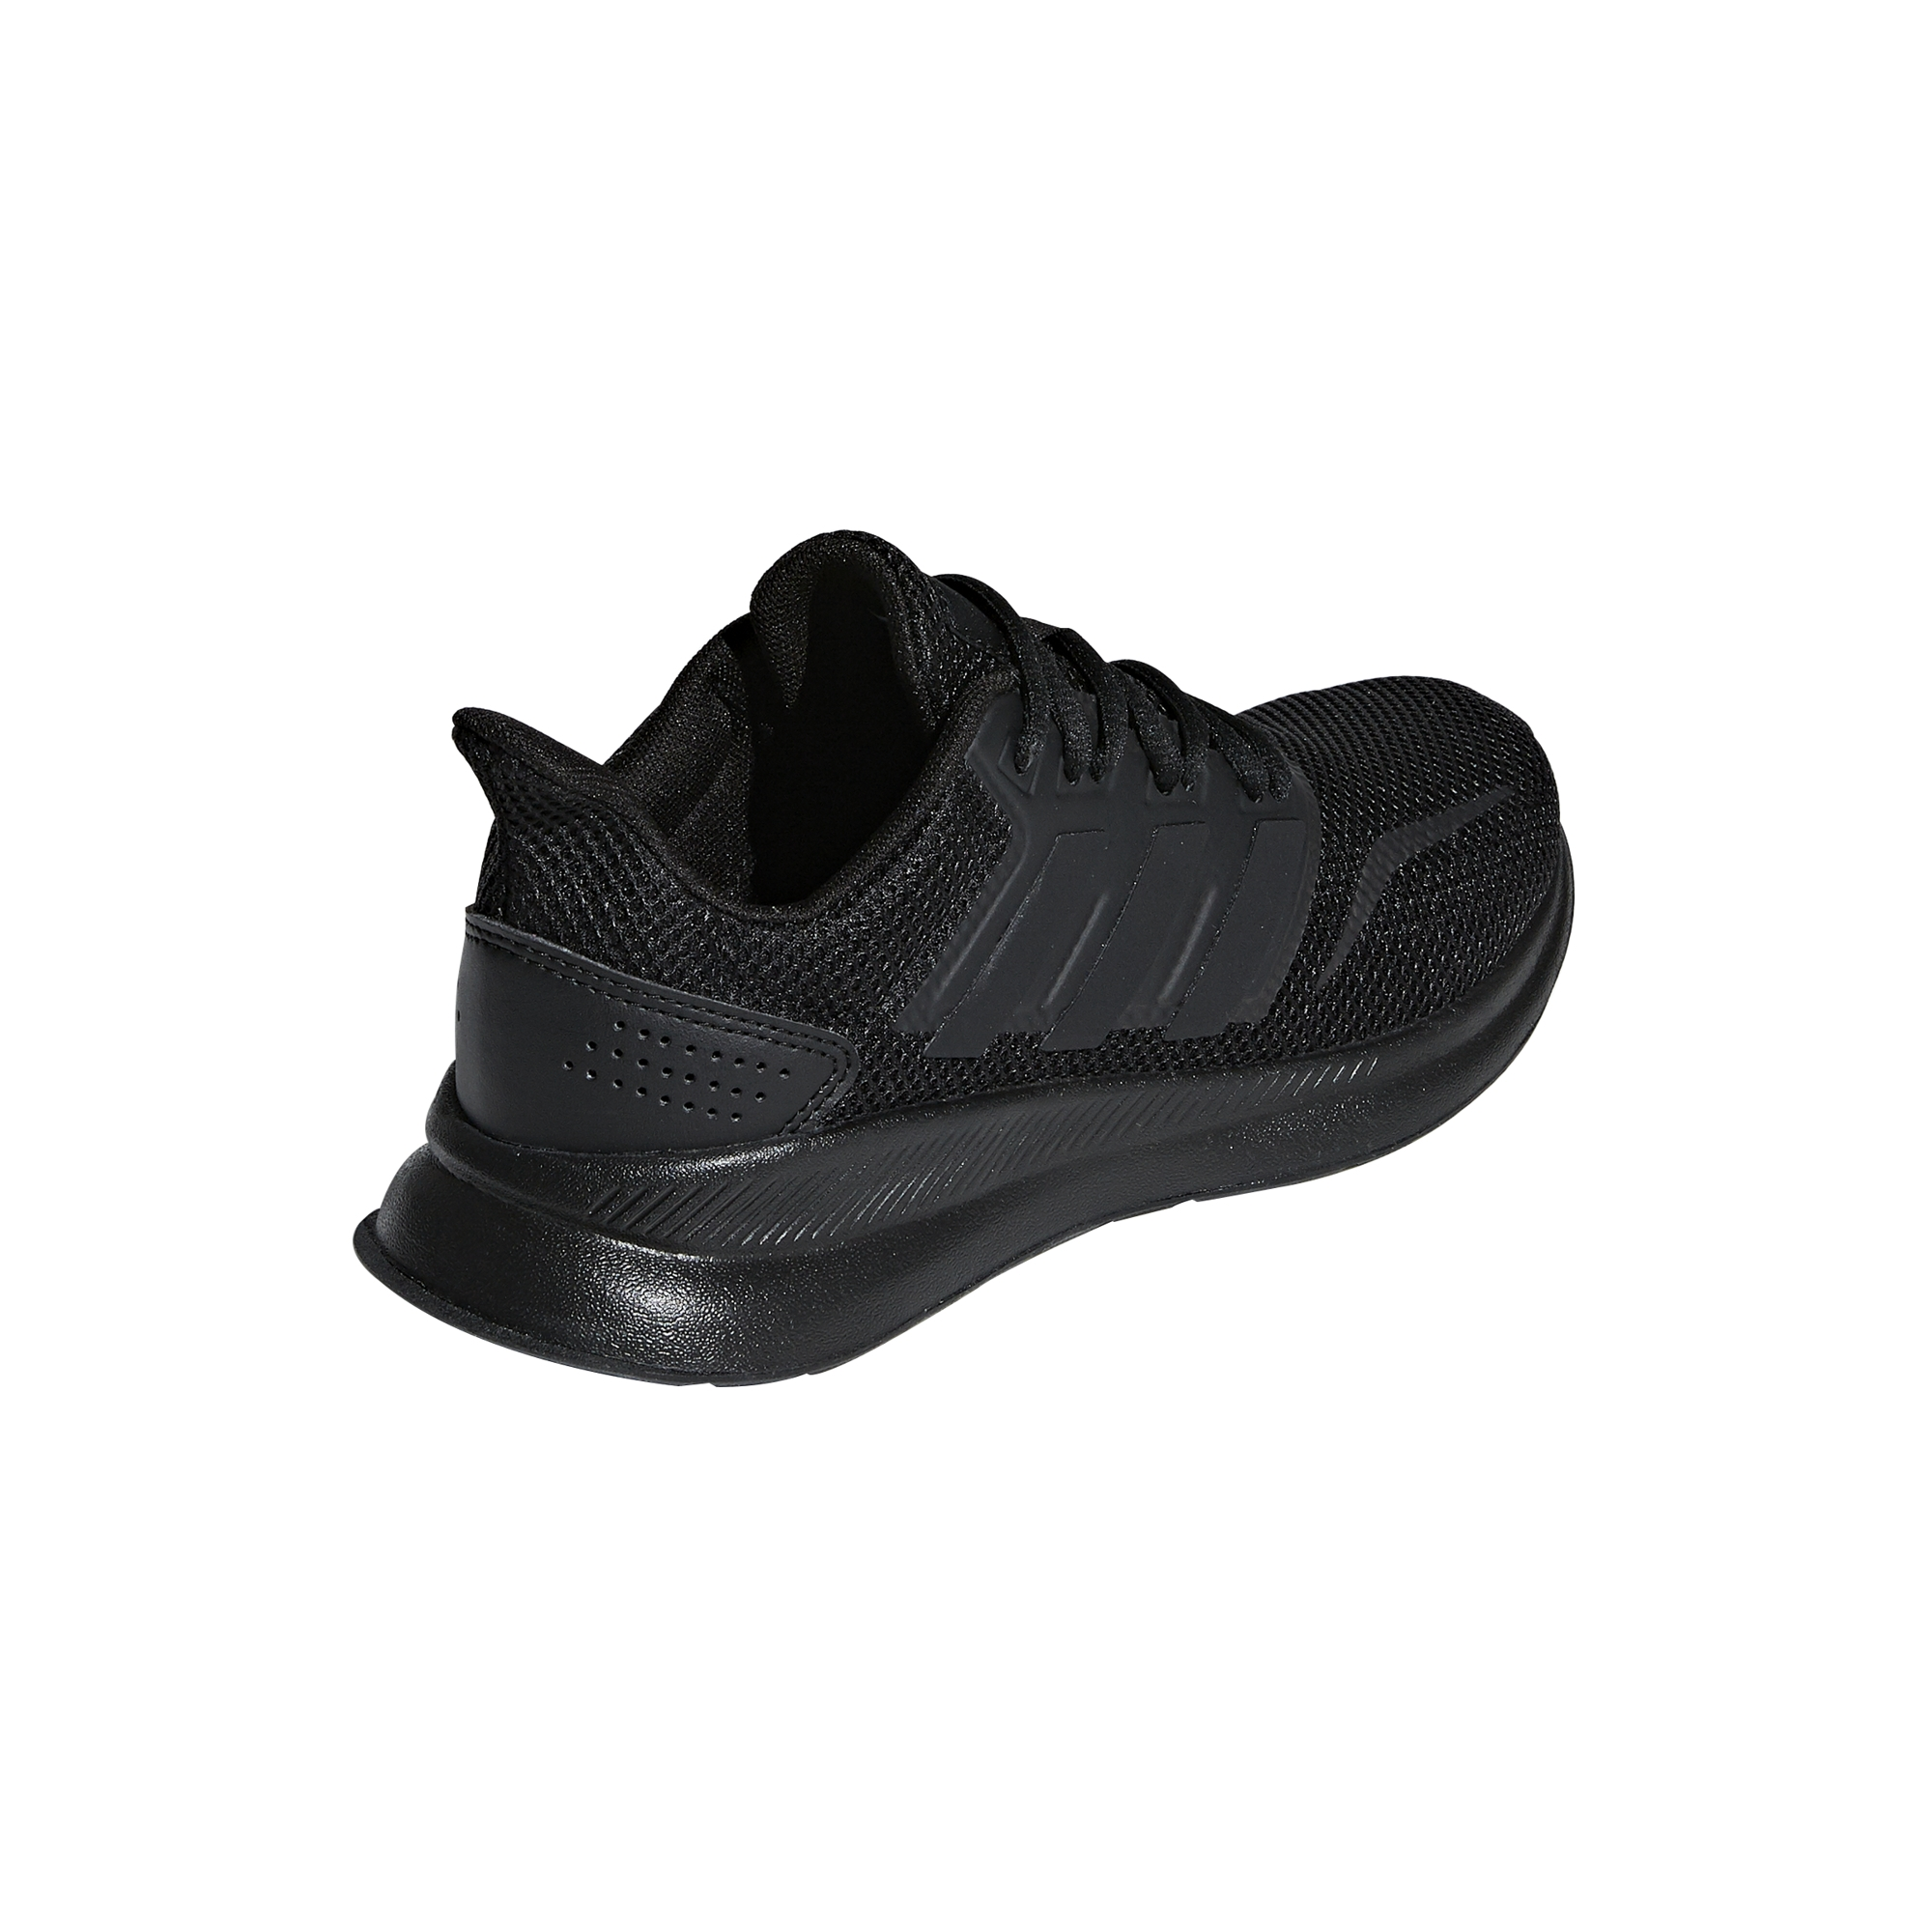 official photos c11f6 33b2d Chaussures kid adidas Runfalcon